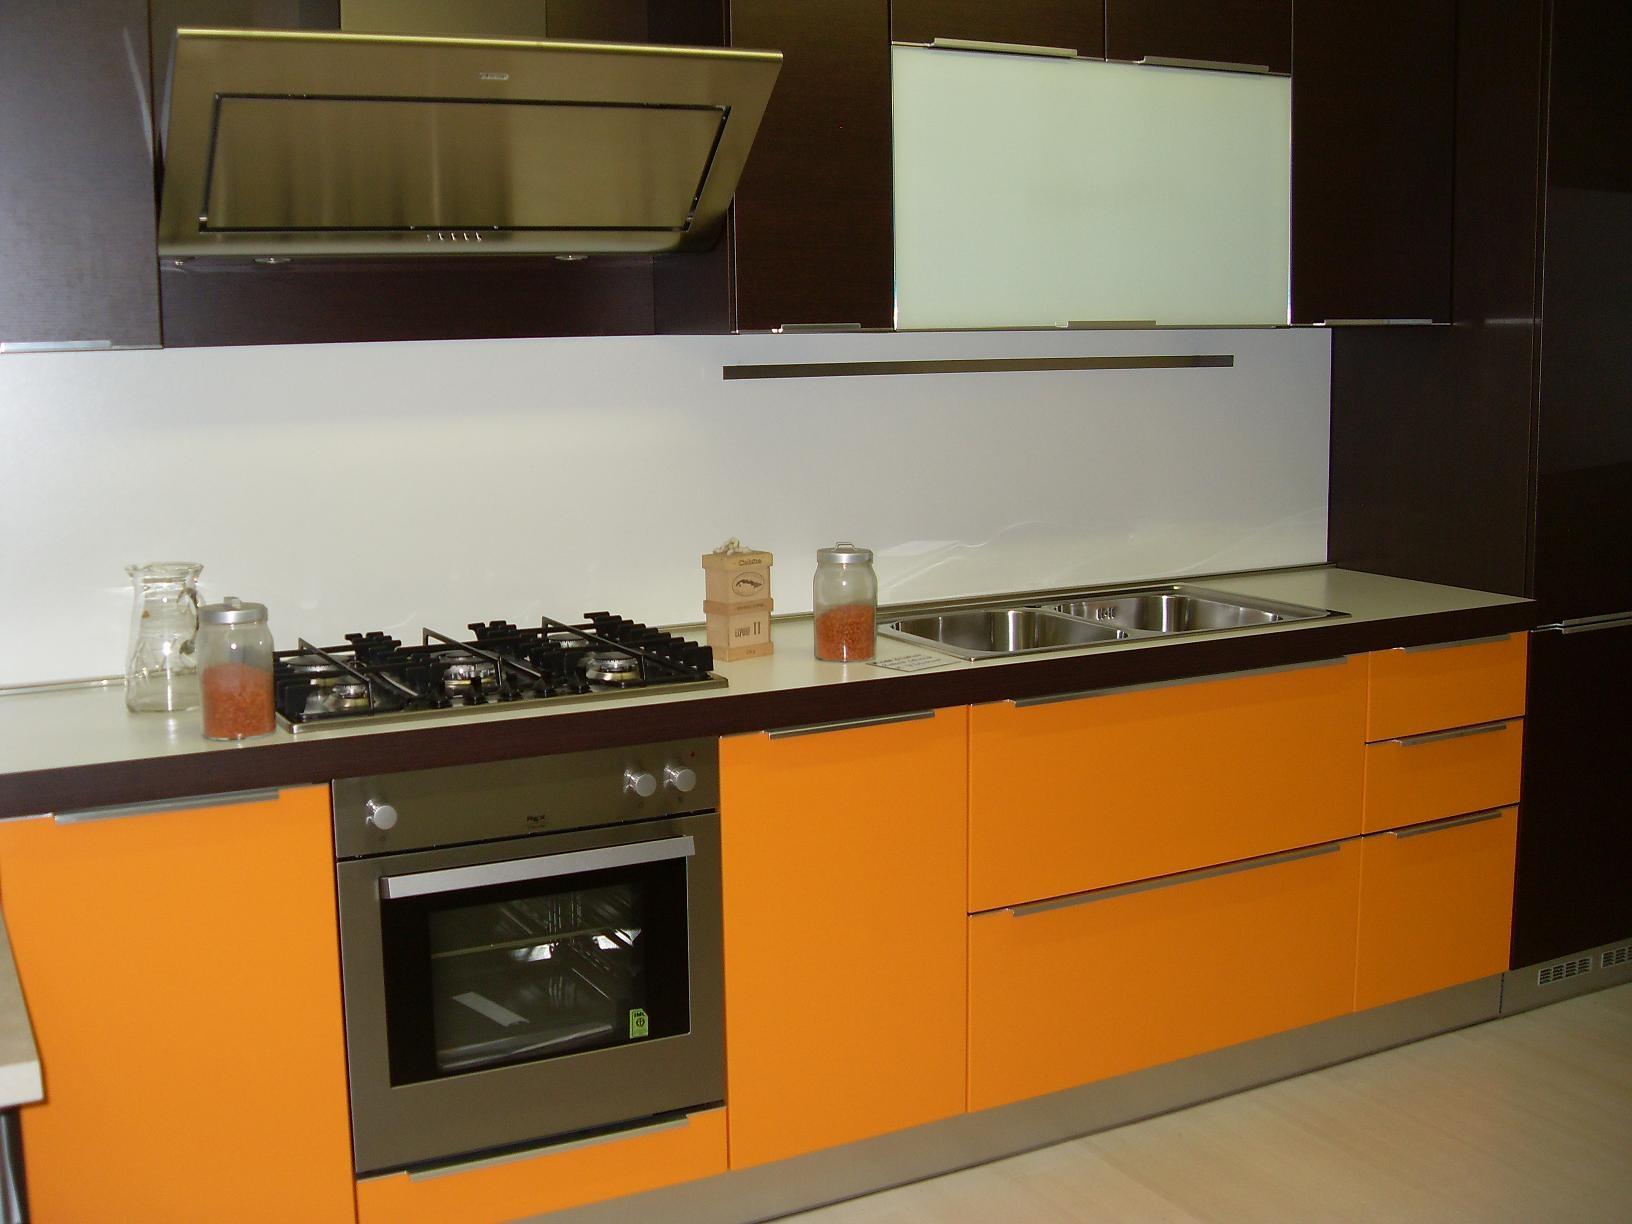 Cucina arredo3 diva moderna laminato opaco arancio for Arredo cucina moderna